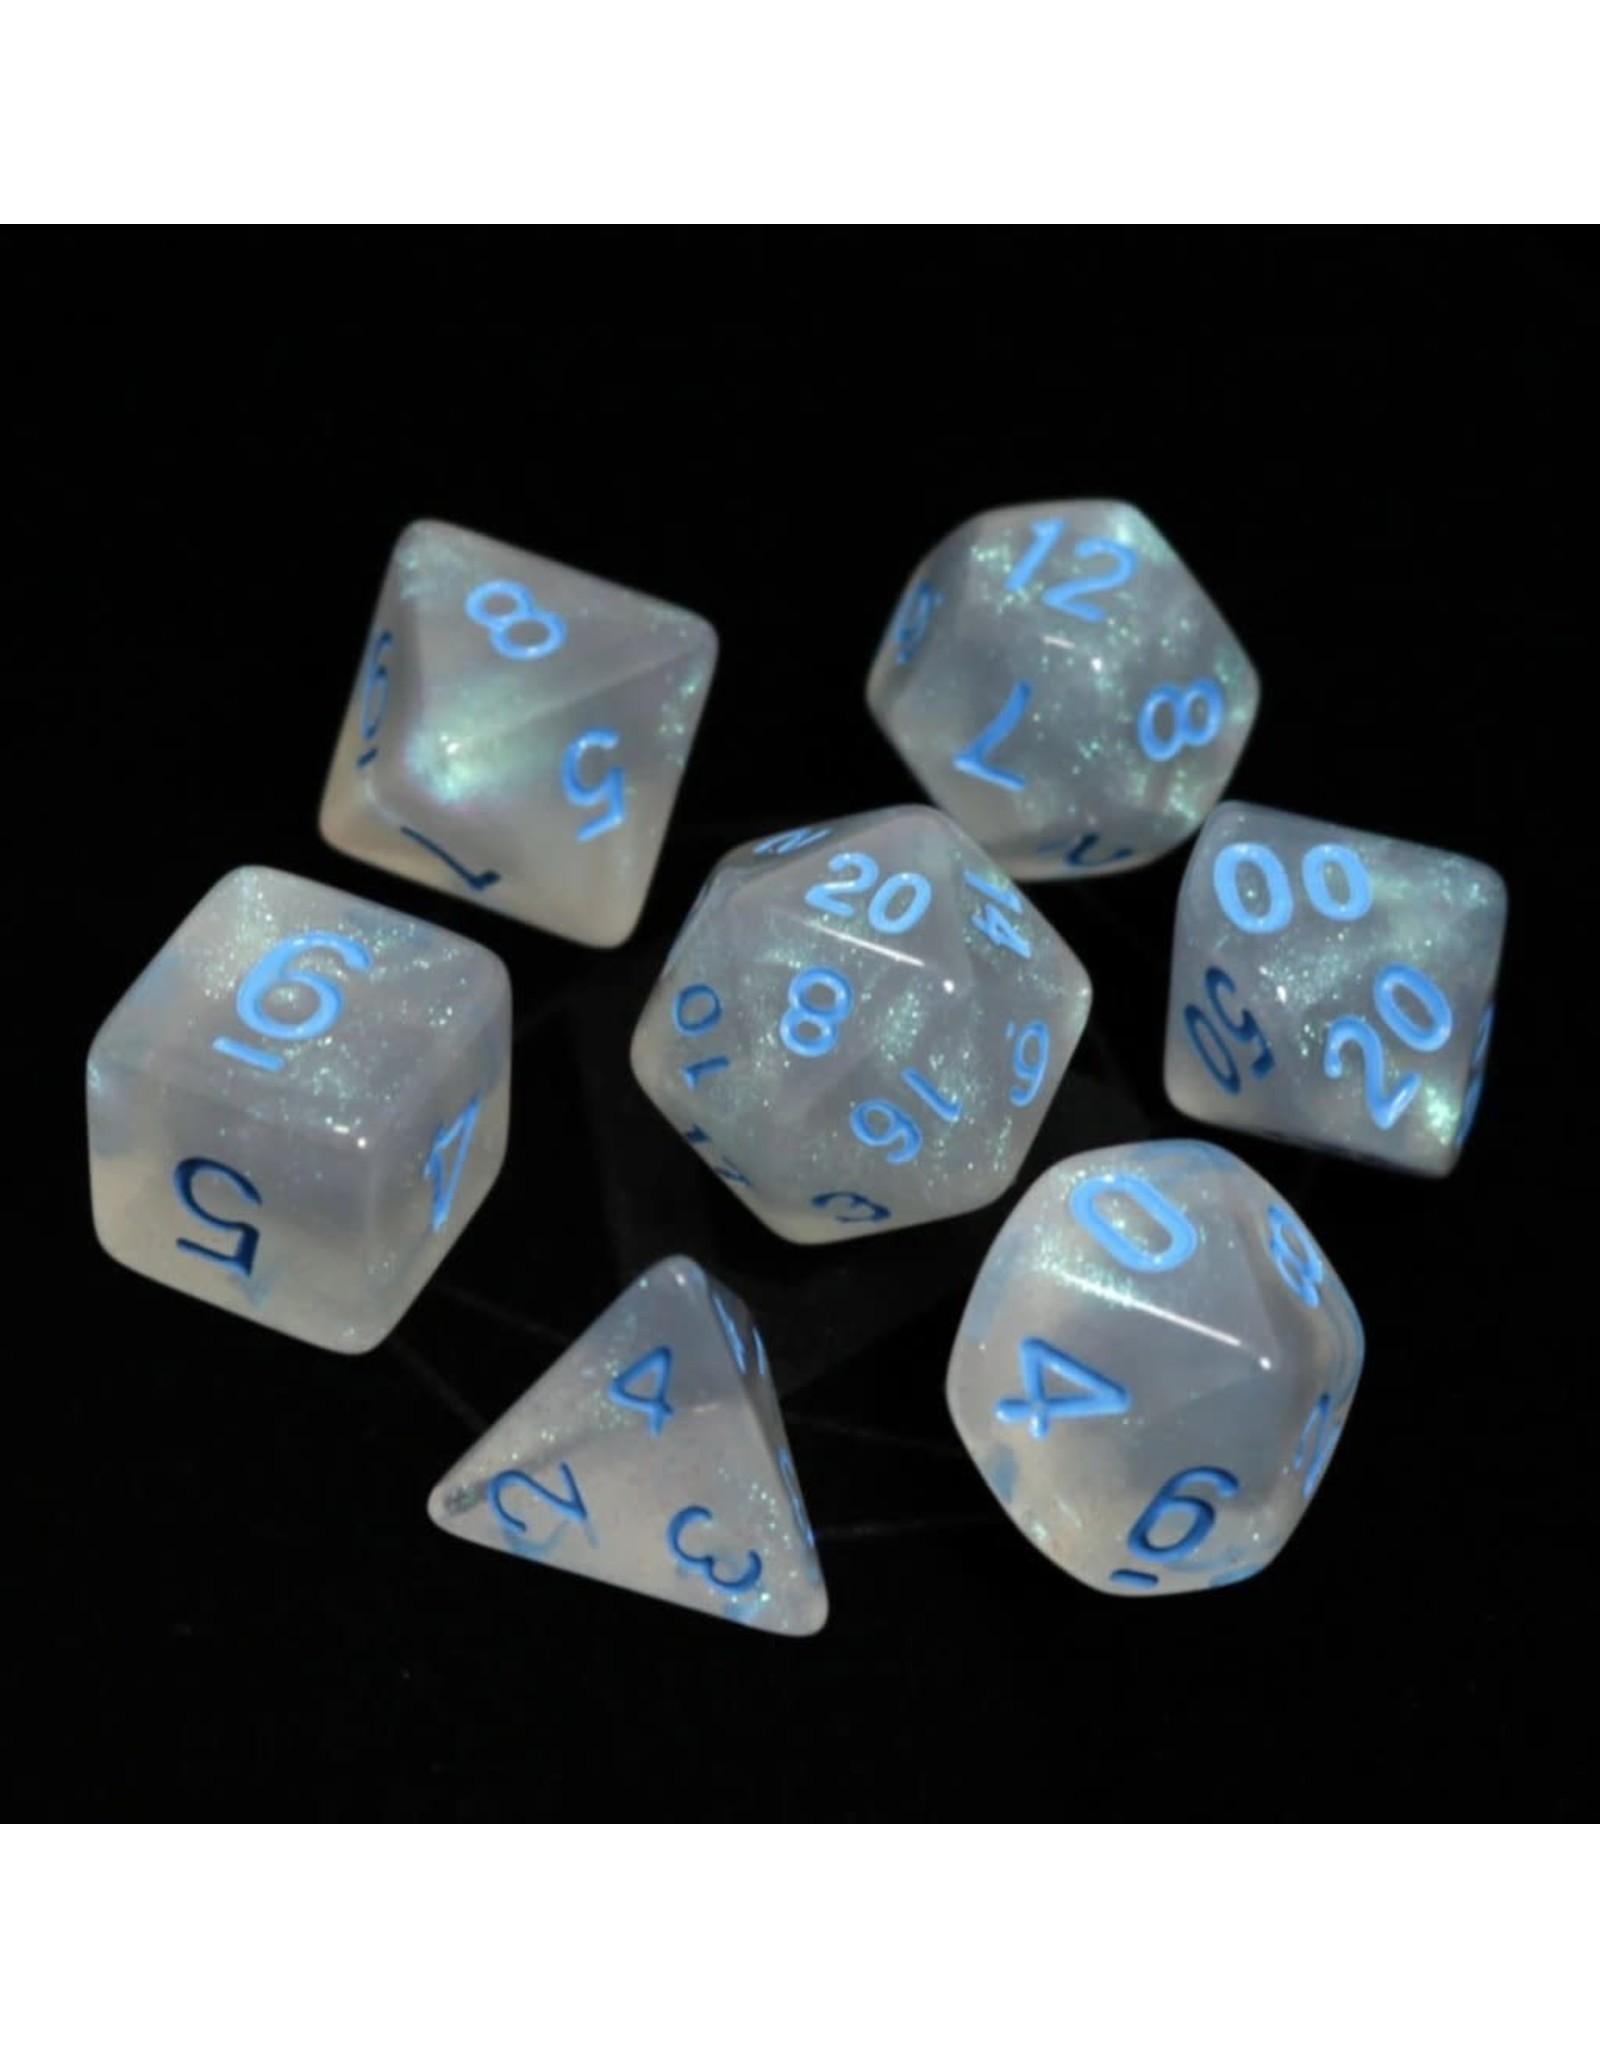 DIE HARD DICE DIE HARD DICE 7 CT DICE SET GLACIAL MOONSTONE W/ BLUE